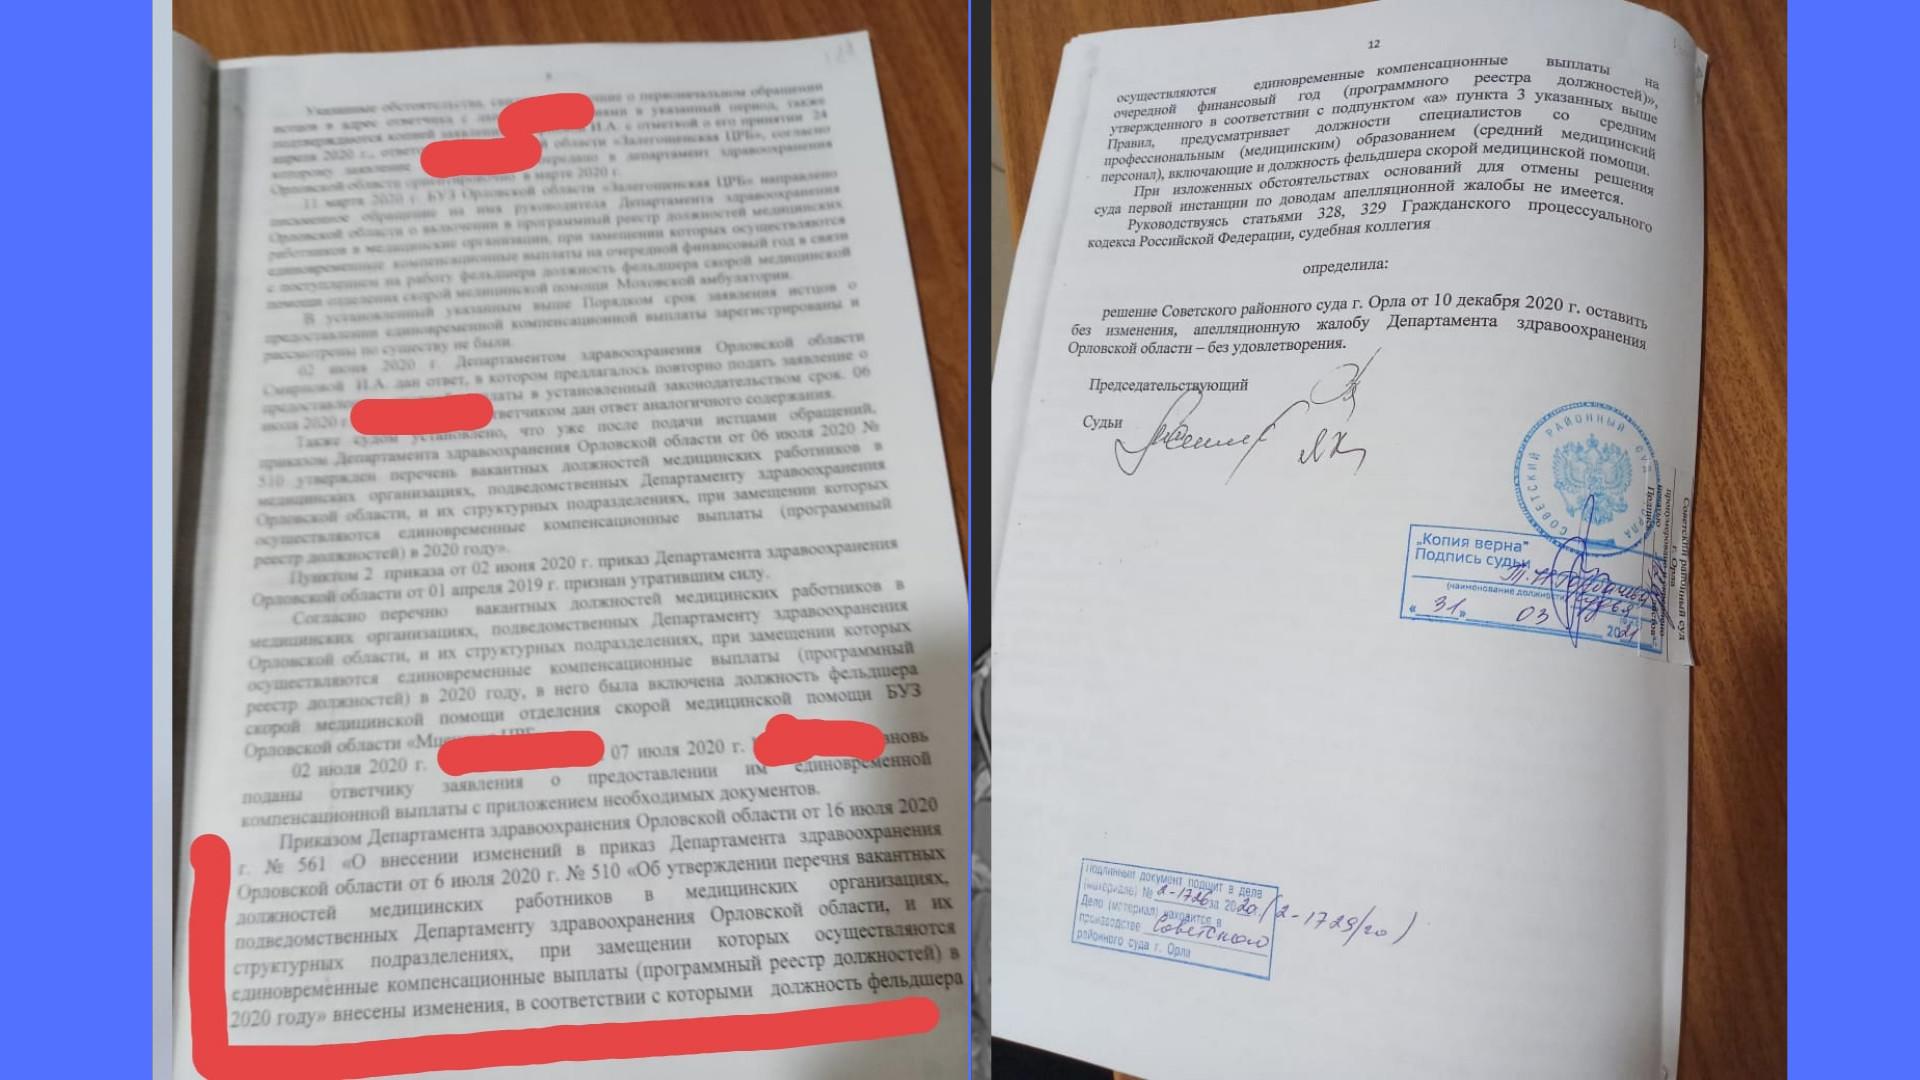 Суд обязал Депздрав выплатить двум фельдшерам по полмиллиона рублей «подъёмных»